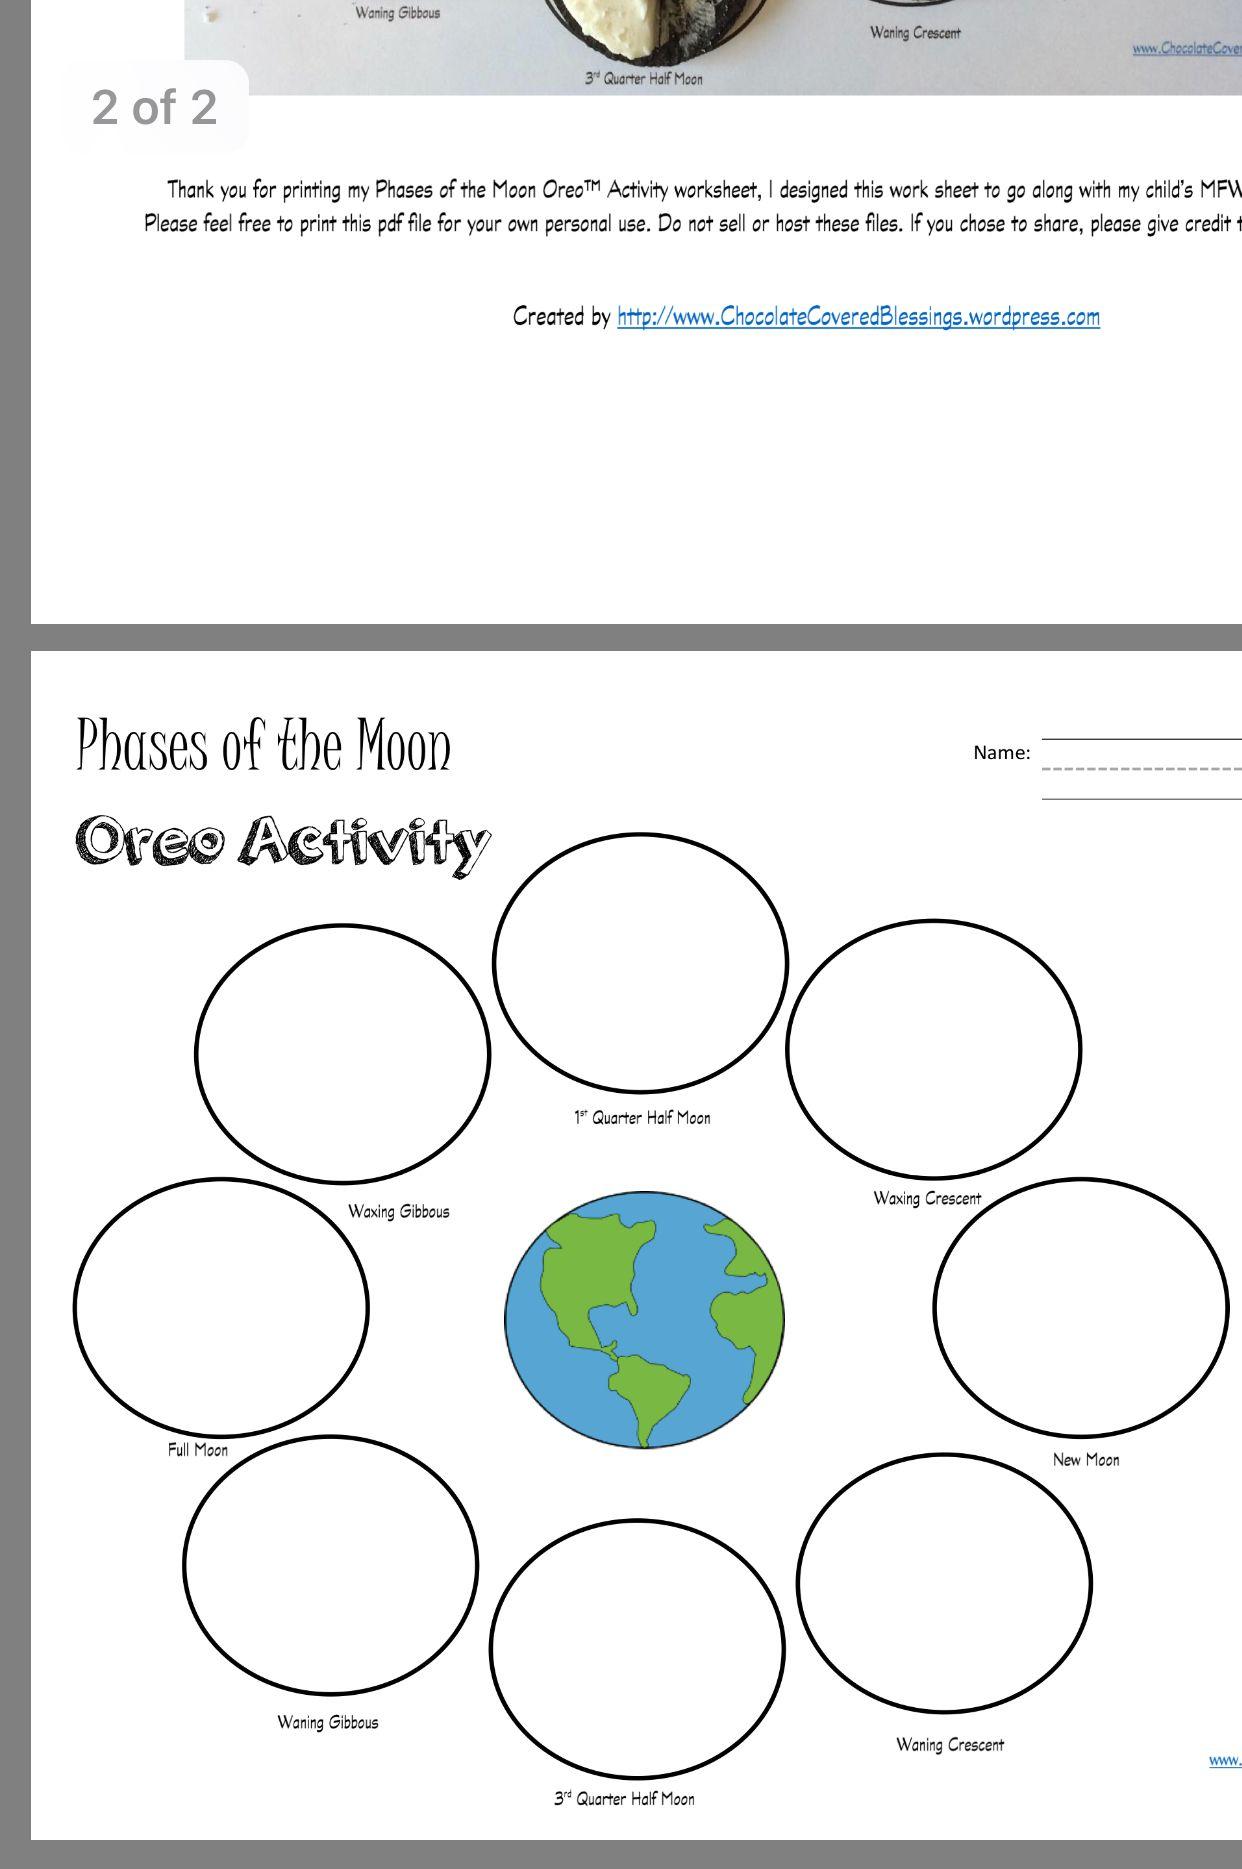 Moon Phases Worksheet Pdf - Ivuyteq